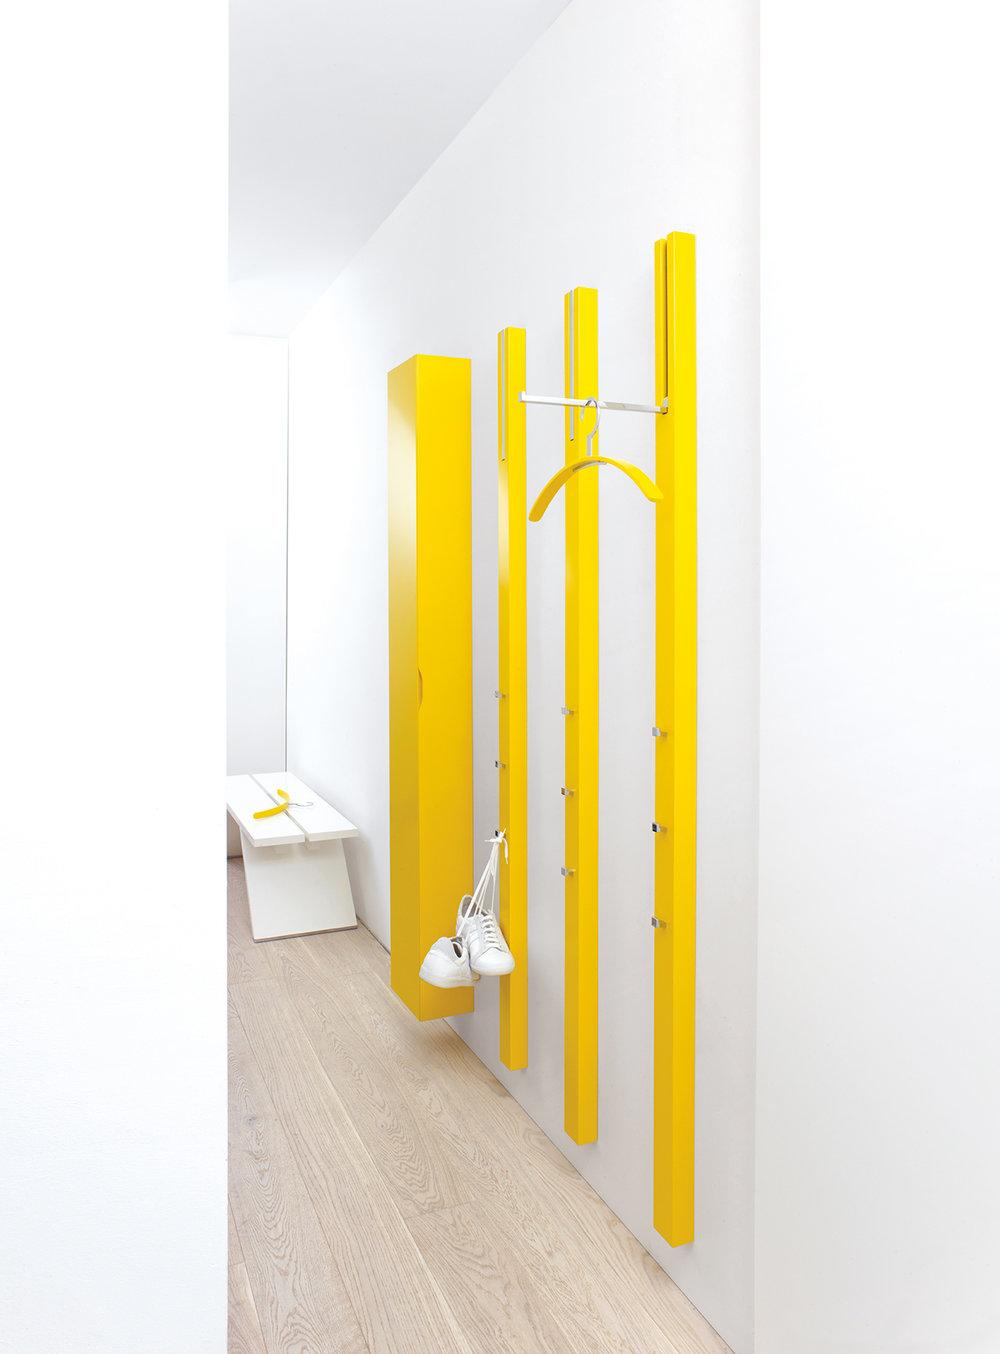 line-garderobe-wandgarderobe-schrank-sonnengelb-schoenbuch-0130.-kleiderbuegel-sonnengelb-bench-bank-ablage-weiss-am-8.jpg